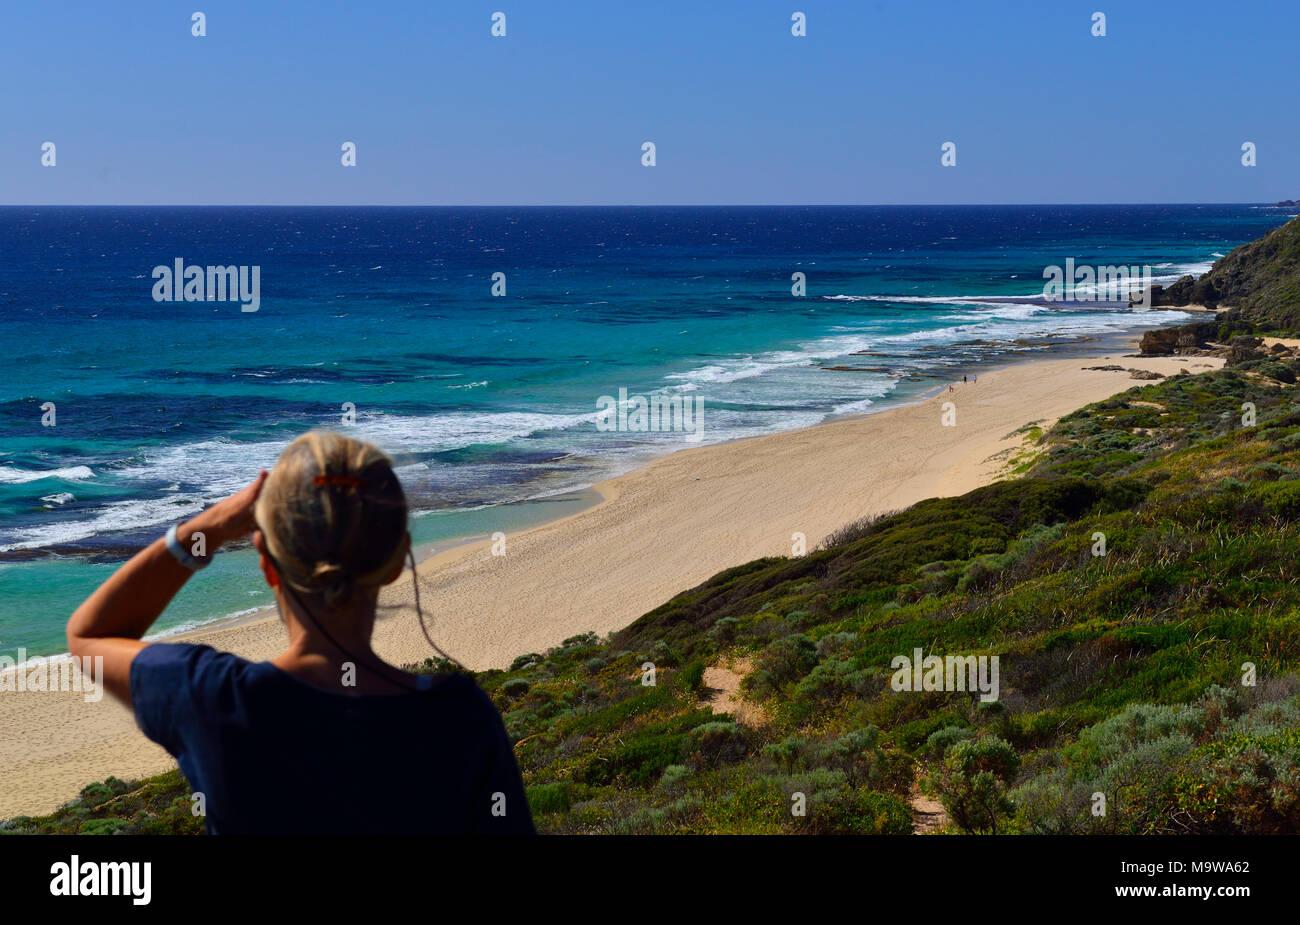 Frau auf der Suche nach Norden entlang Yallingup Strand in Richtung Cape Naturaliste Lighthouse, Surakarta, Western Australia Stockbild